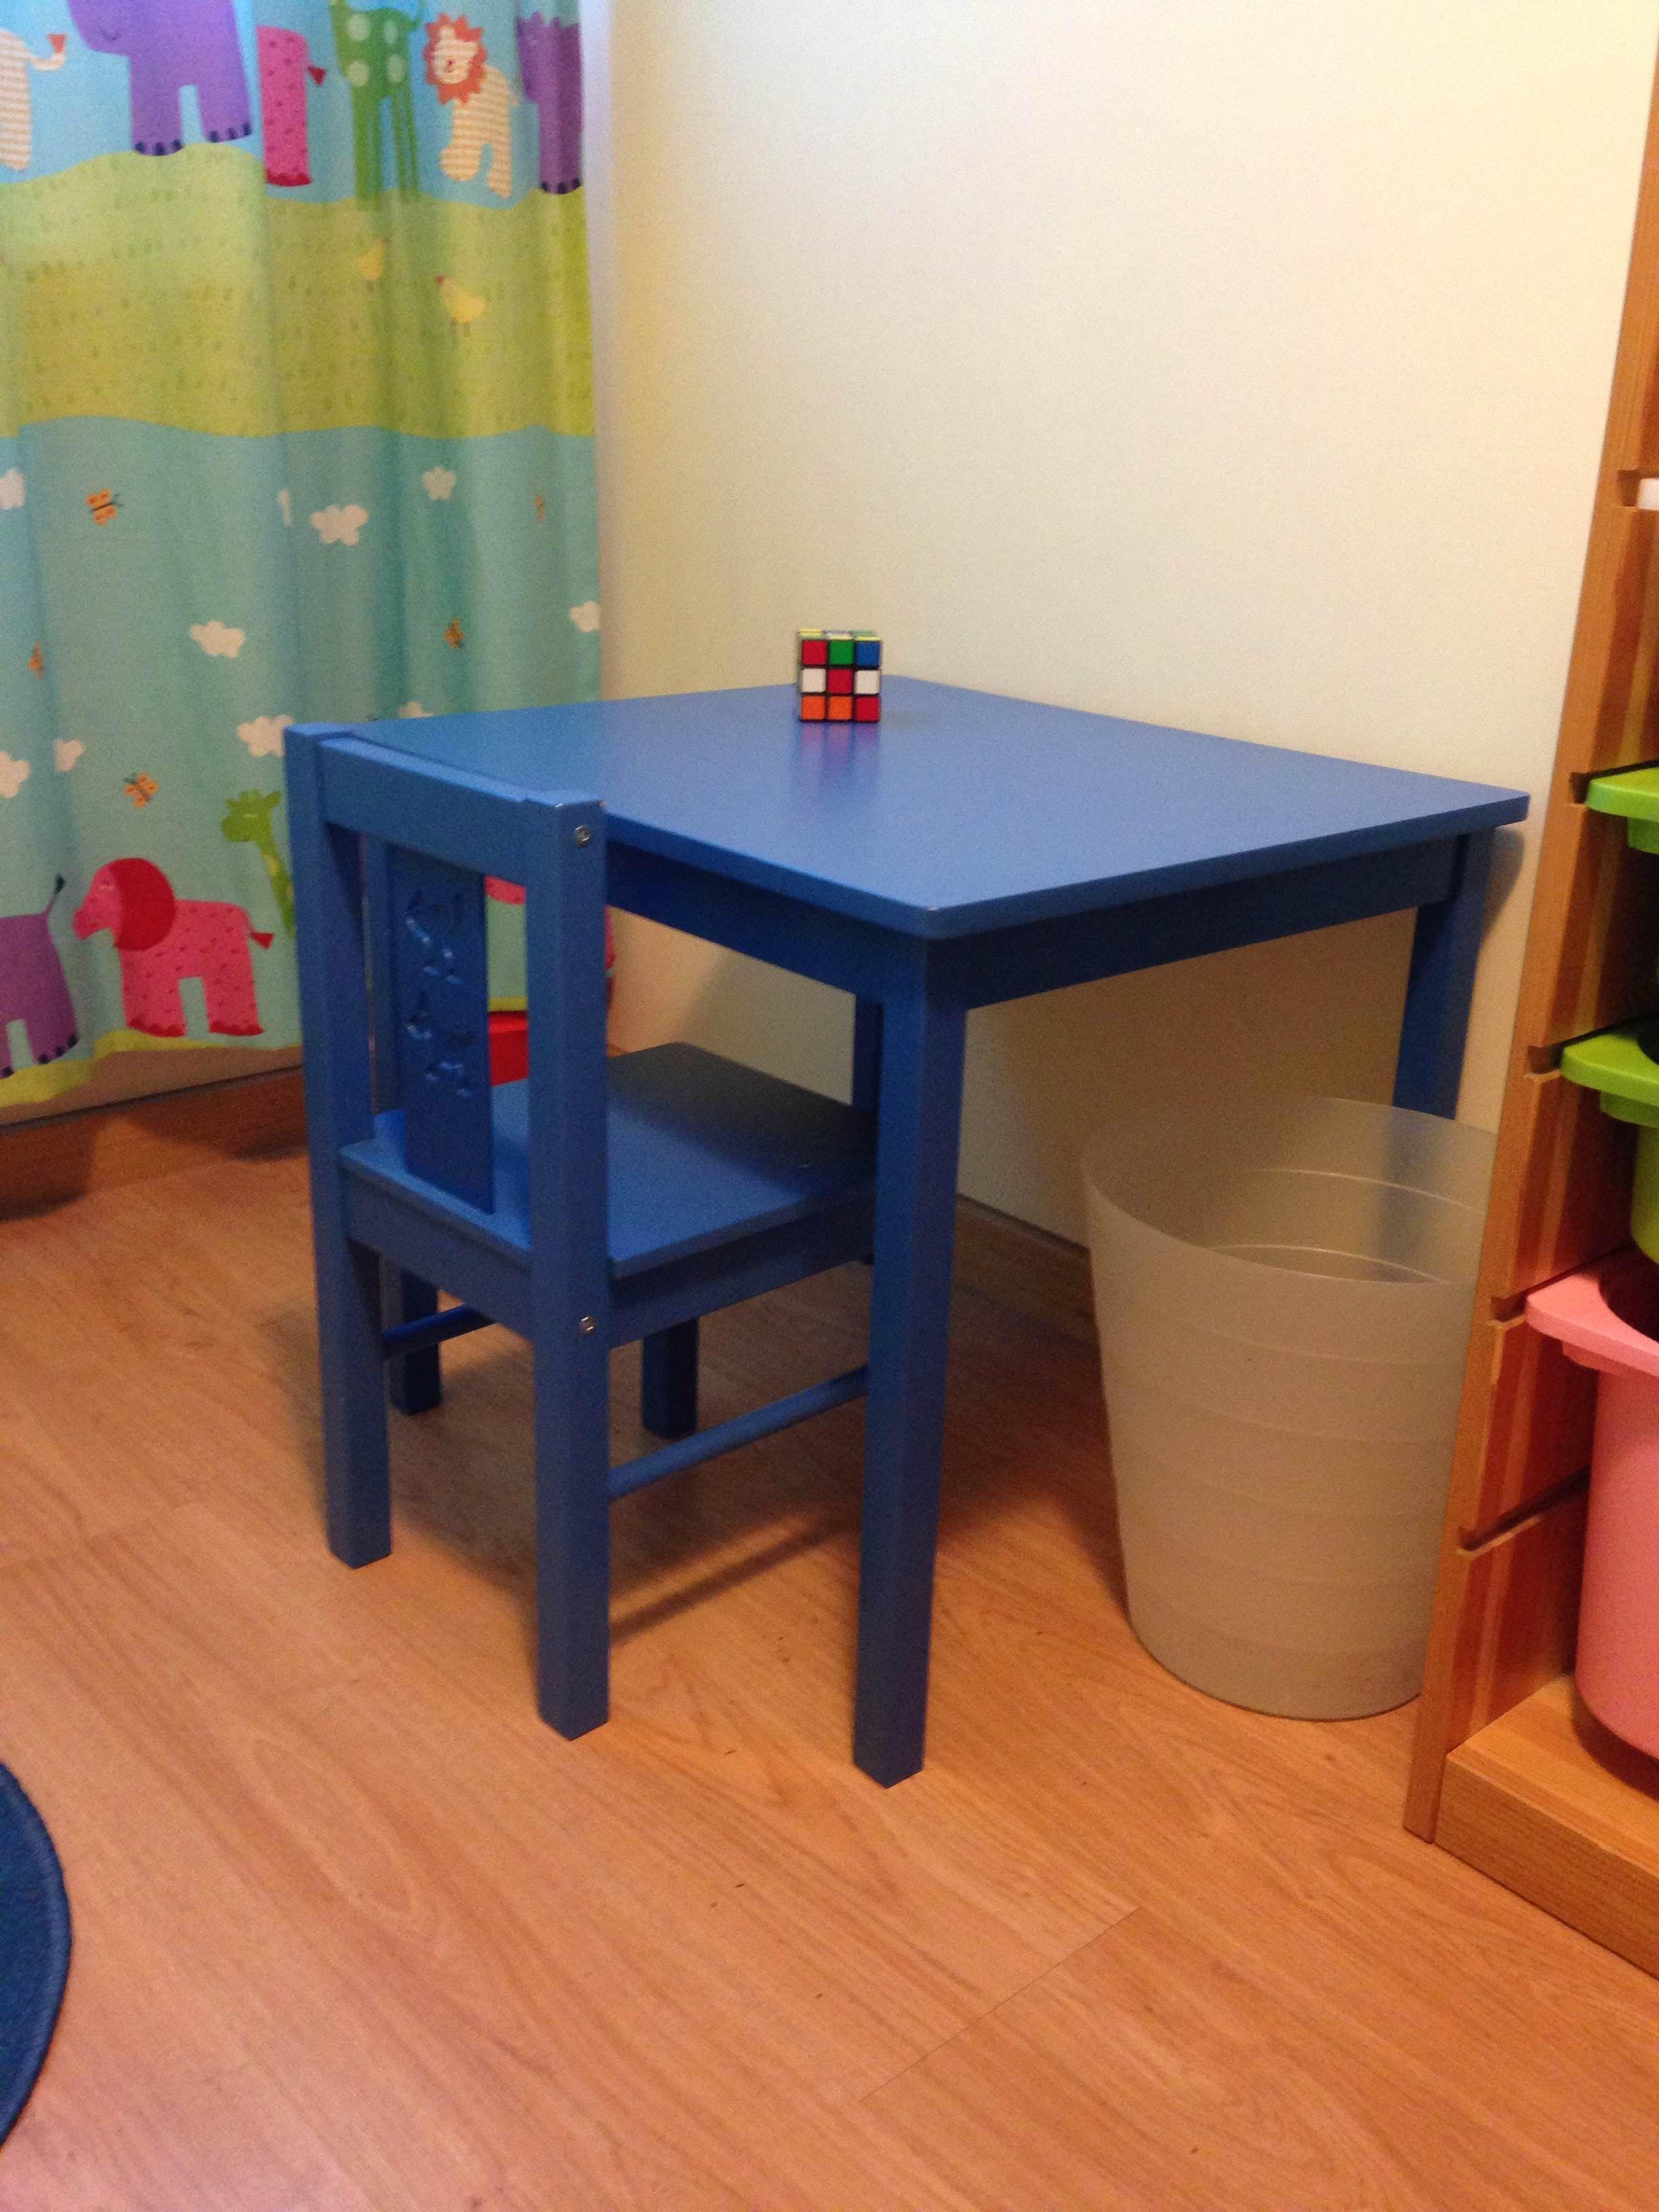 Mesas Y Sillas Ikea.19 Mesa Y Silla Ikea Kritter Infantil 50cm De Alto Casita